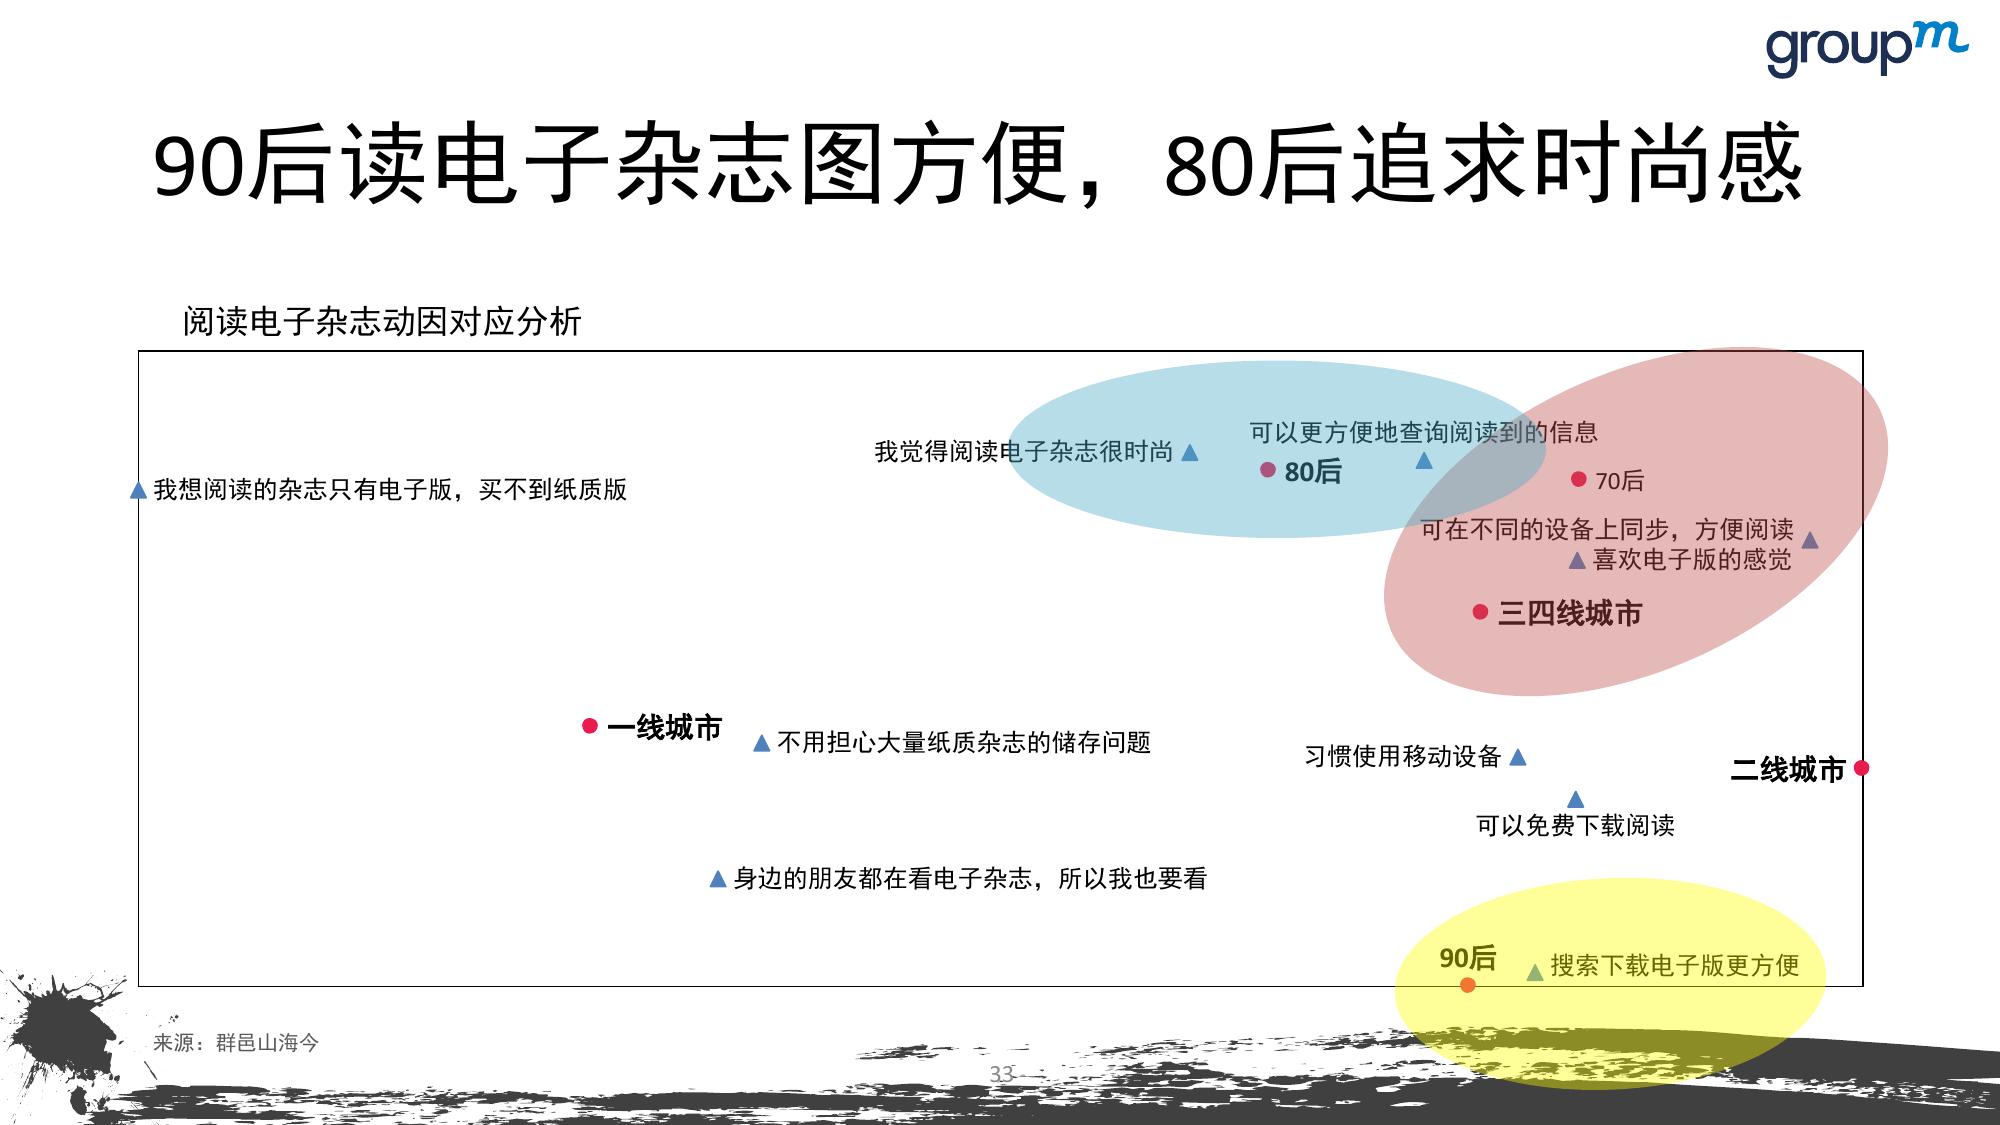 山海今2015中国媒介趋势报告_000033